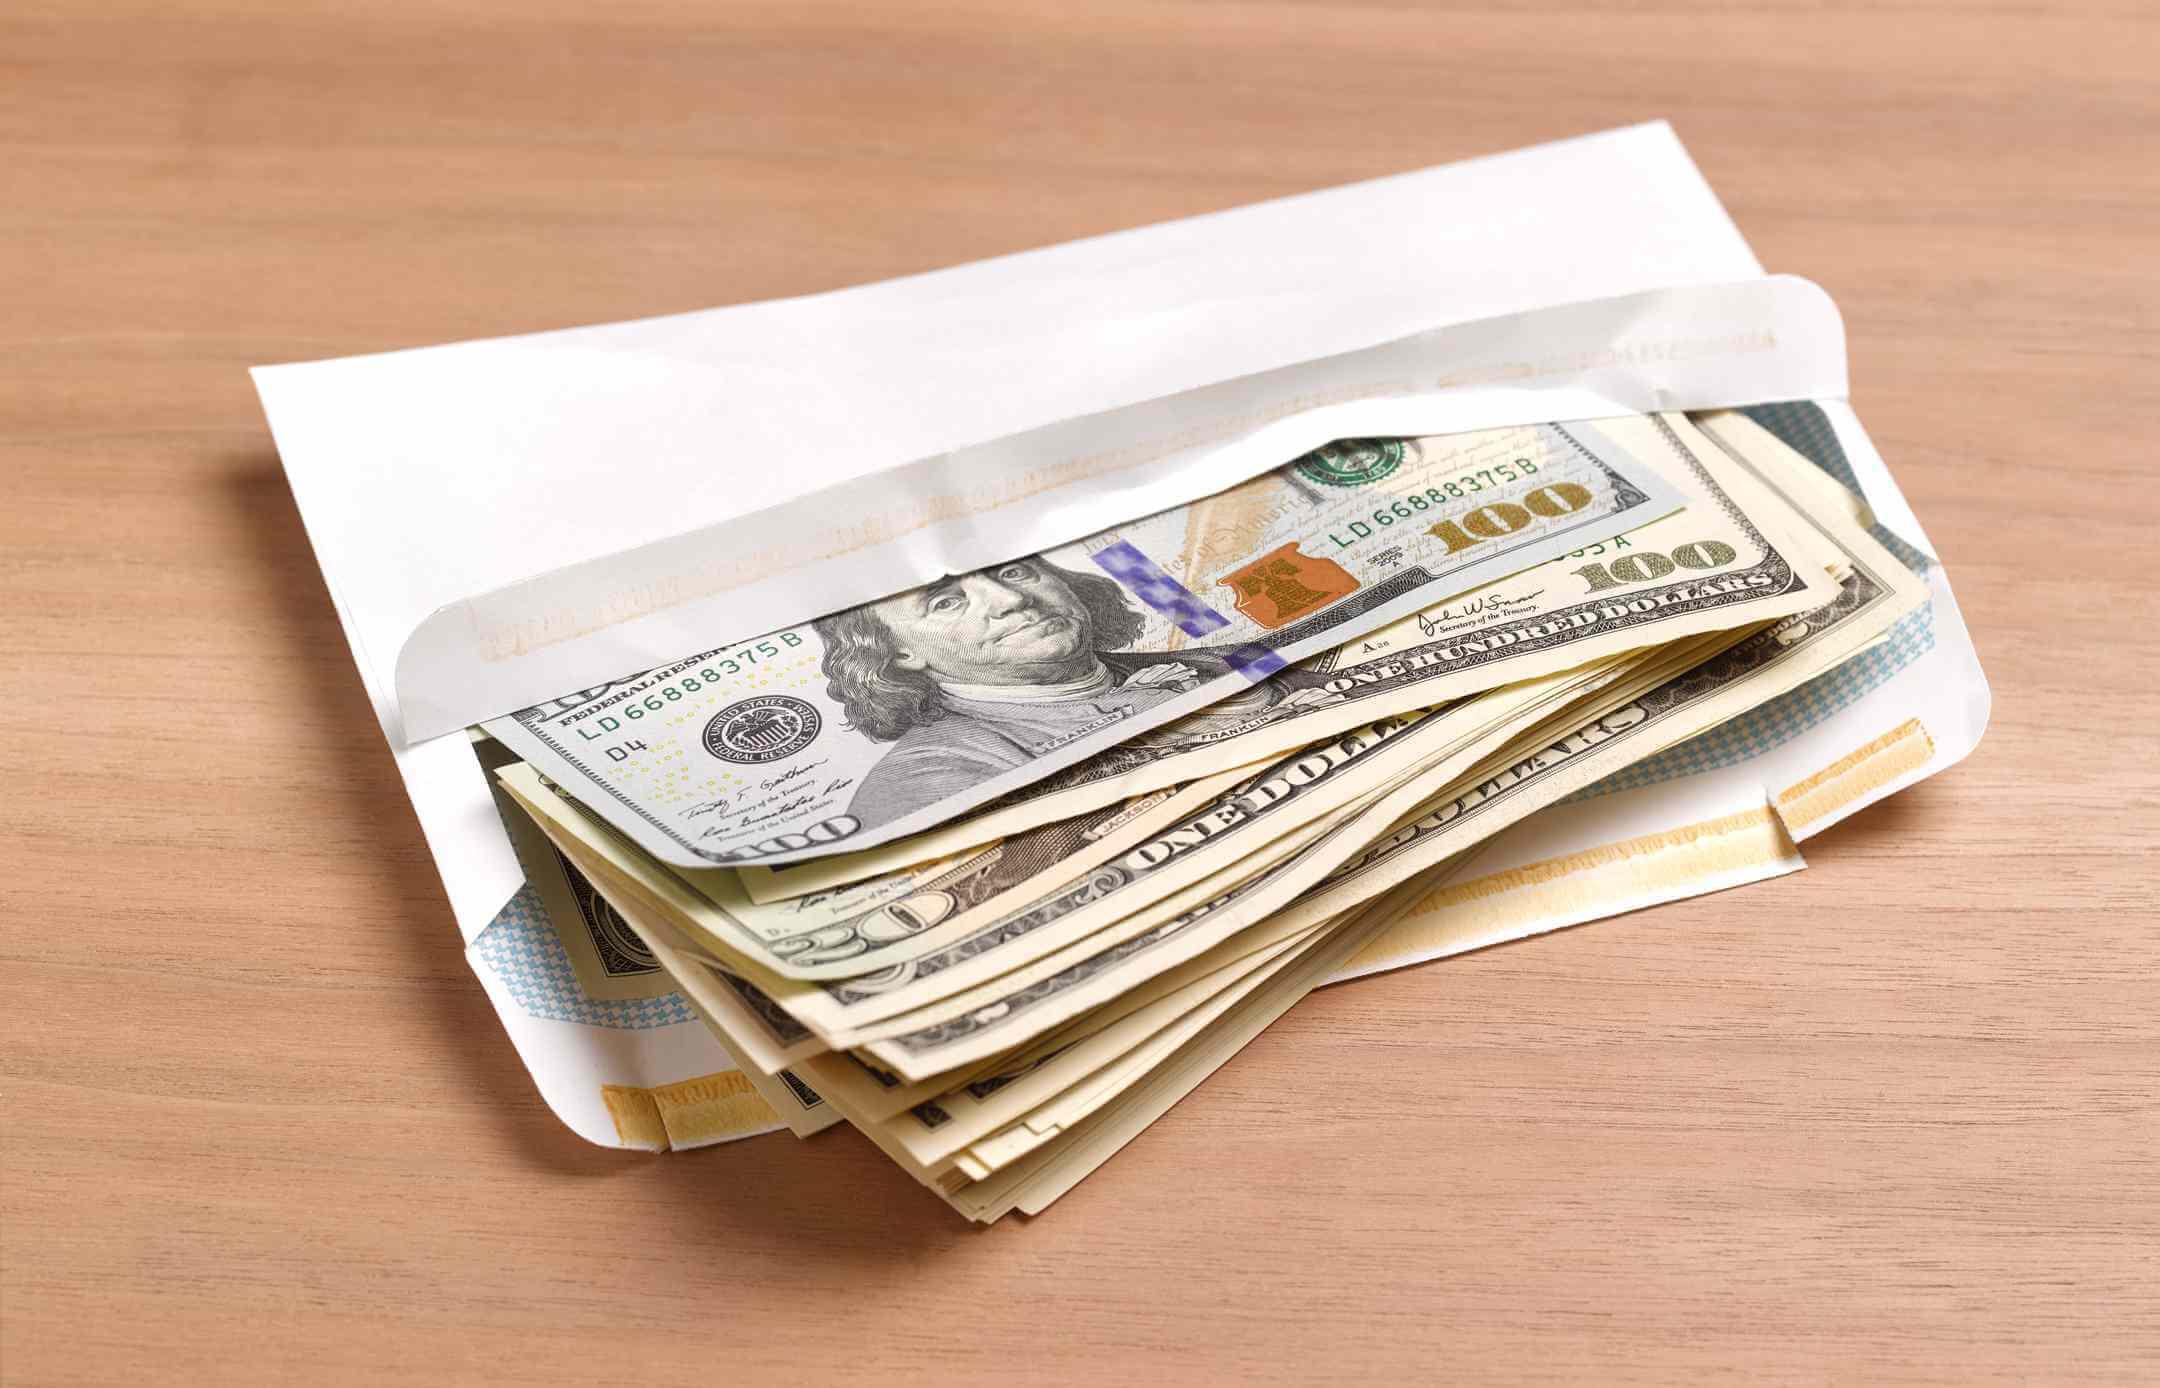 Sonhar com encontrar dinheiro